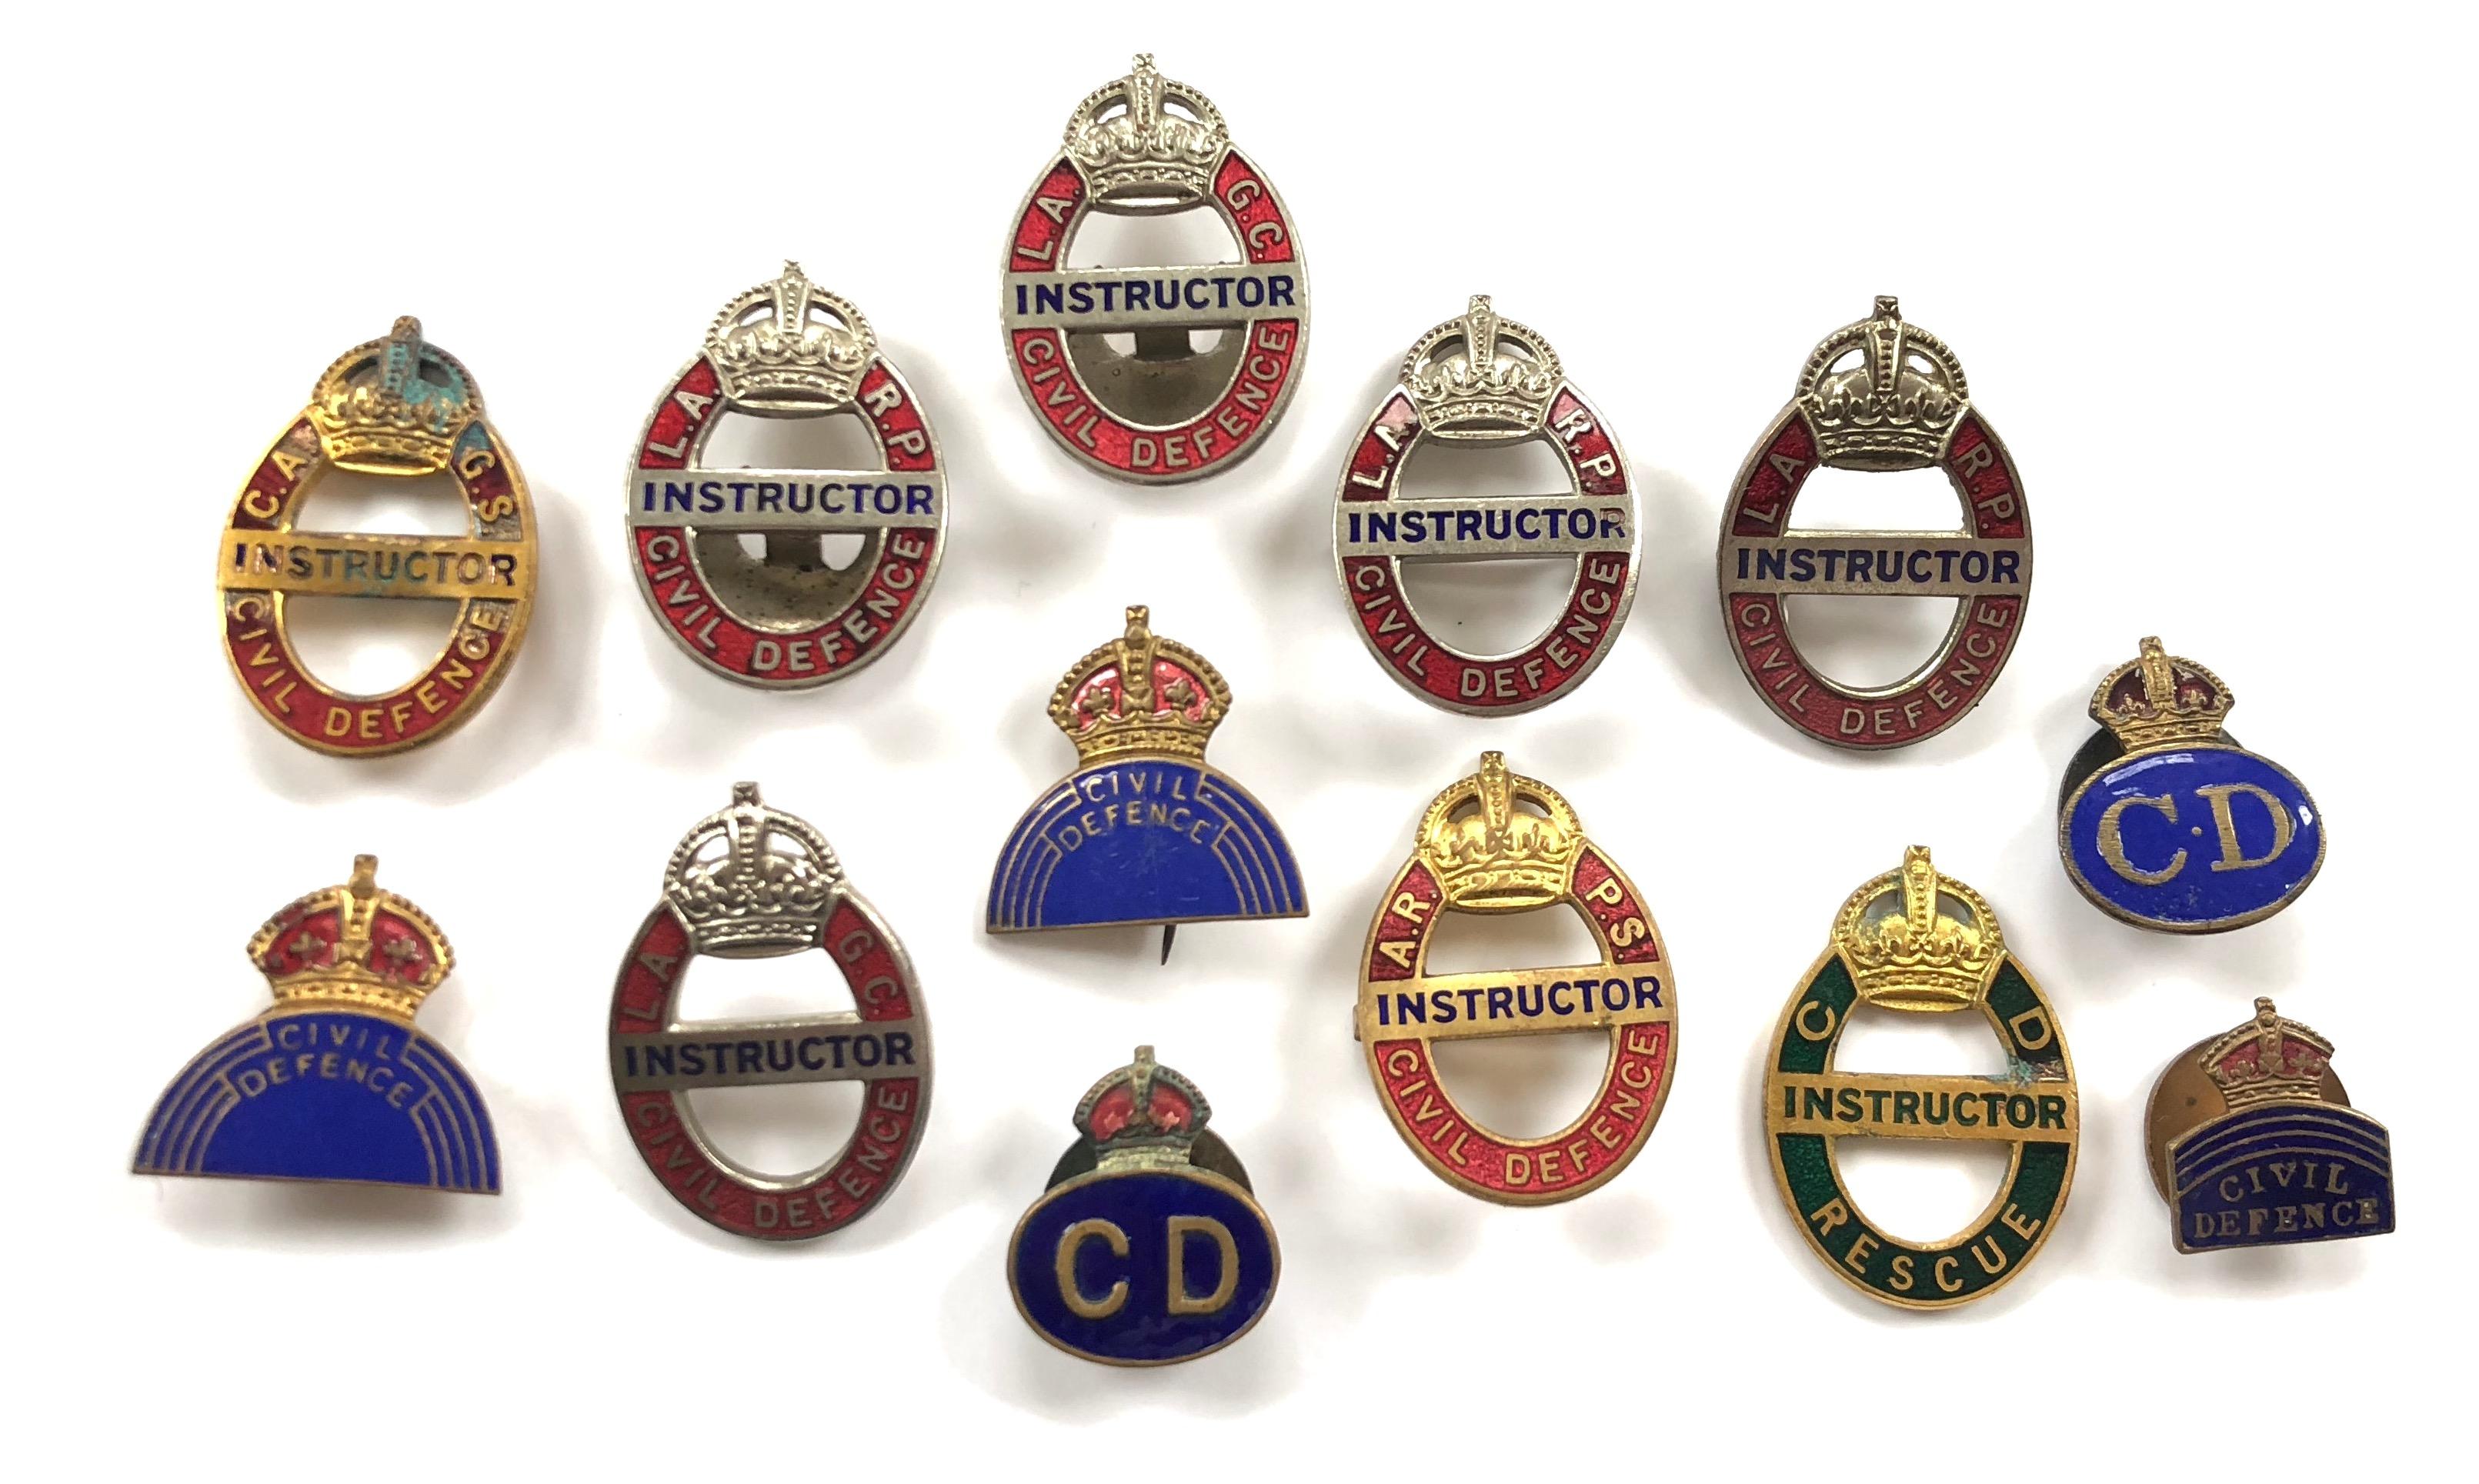 WW2 / Cold War Civil Defence Badges & Instructor Badges.